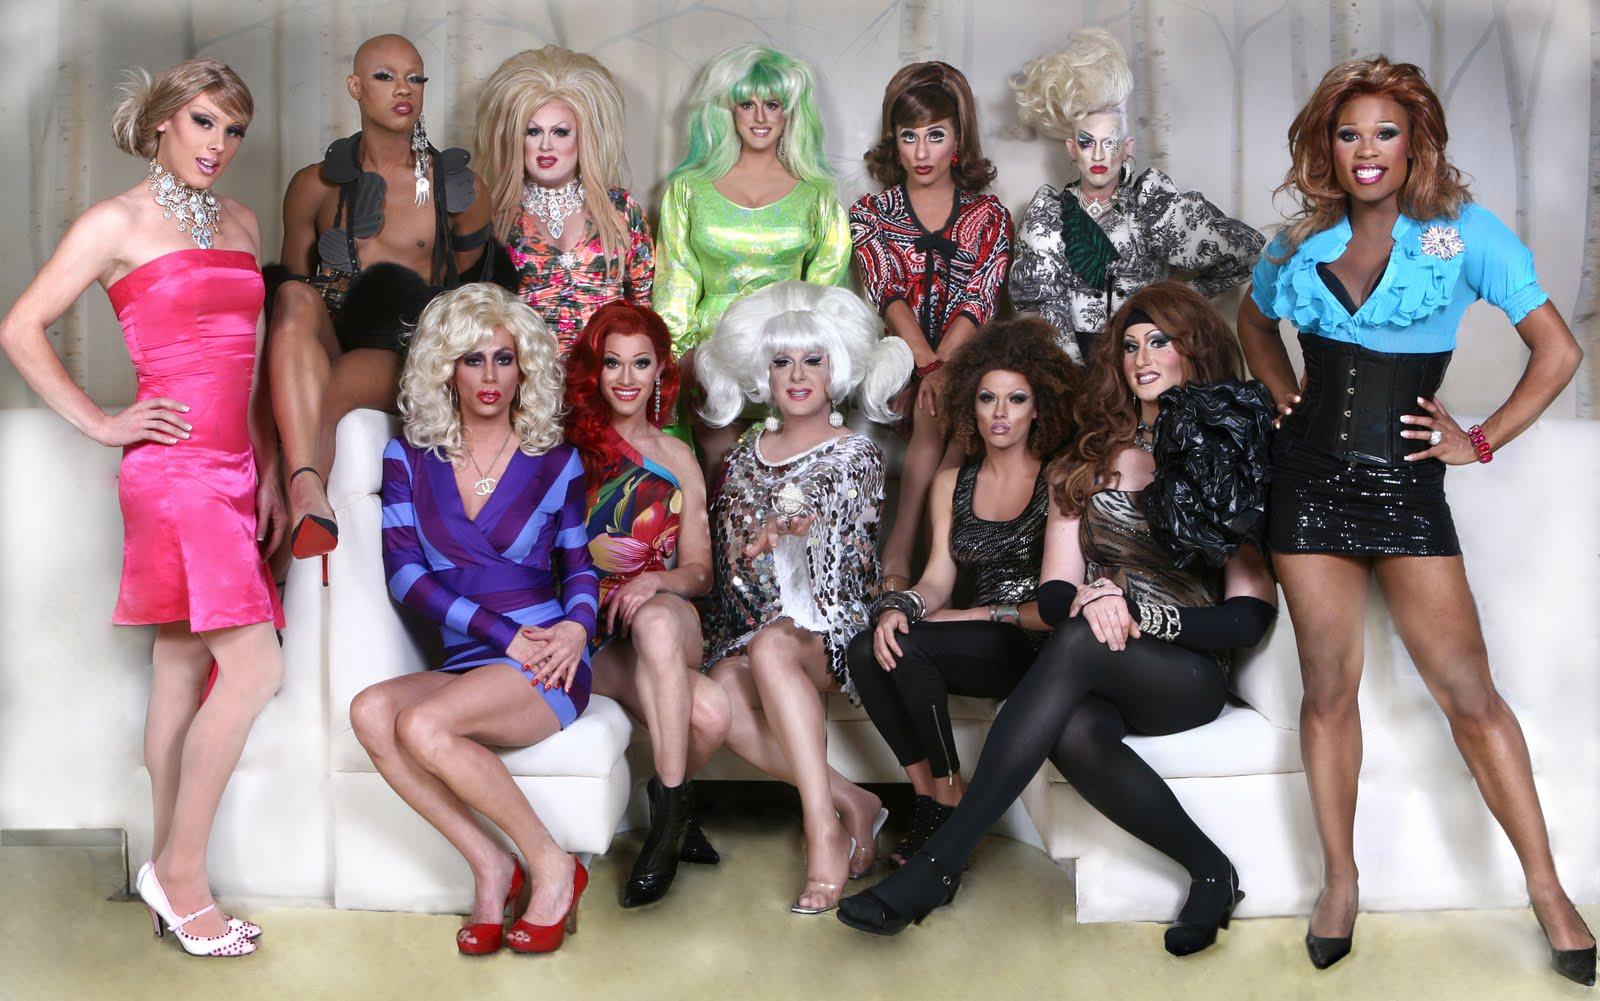 Transvestite society clubs uk pornstar